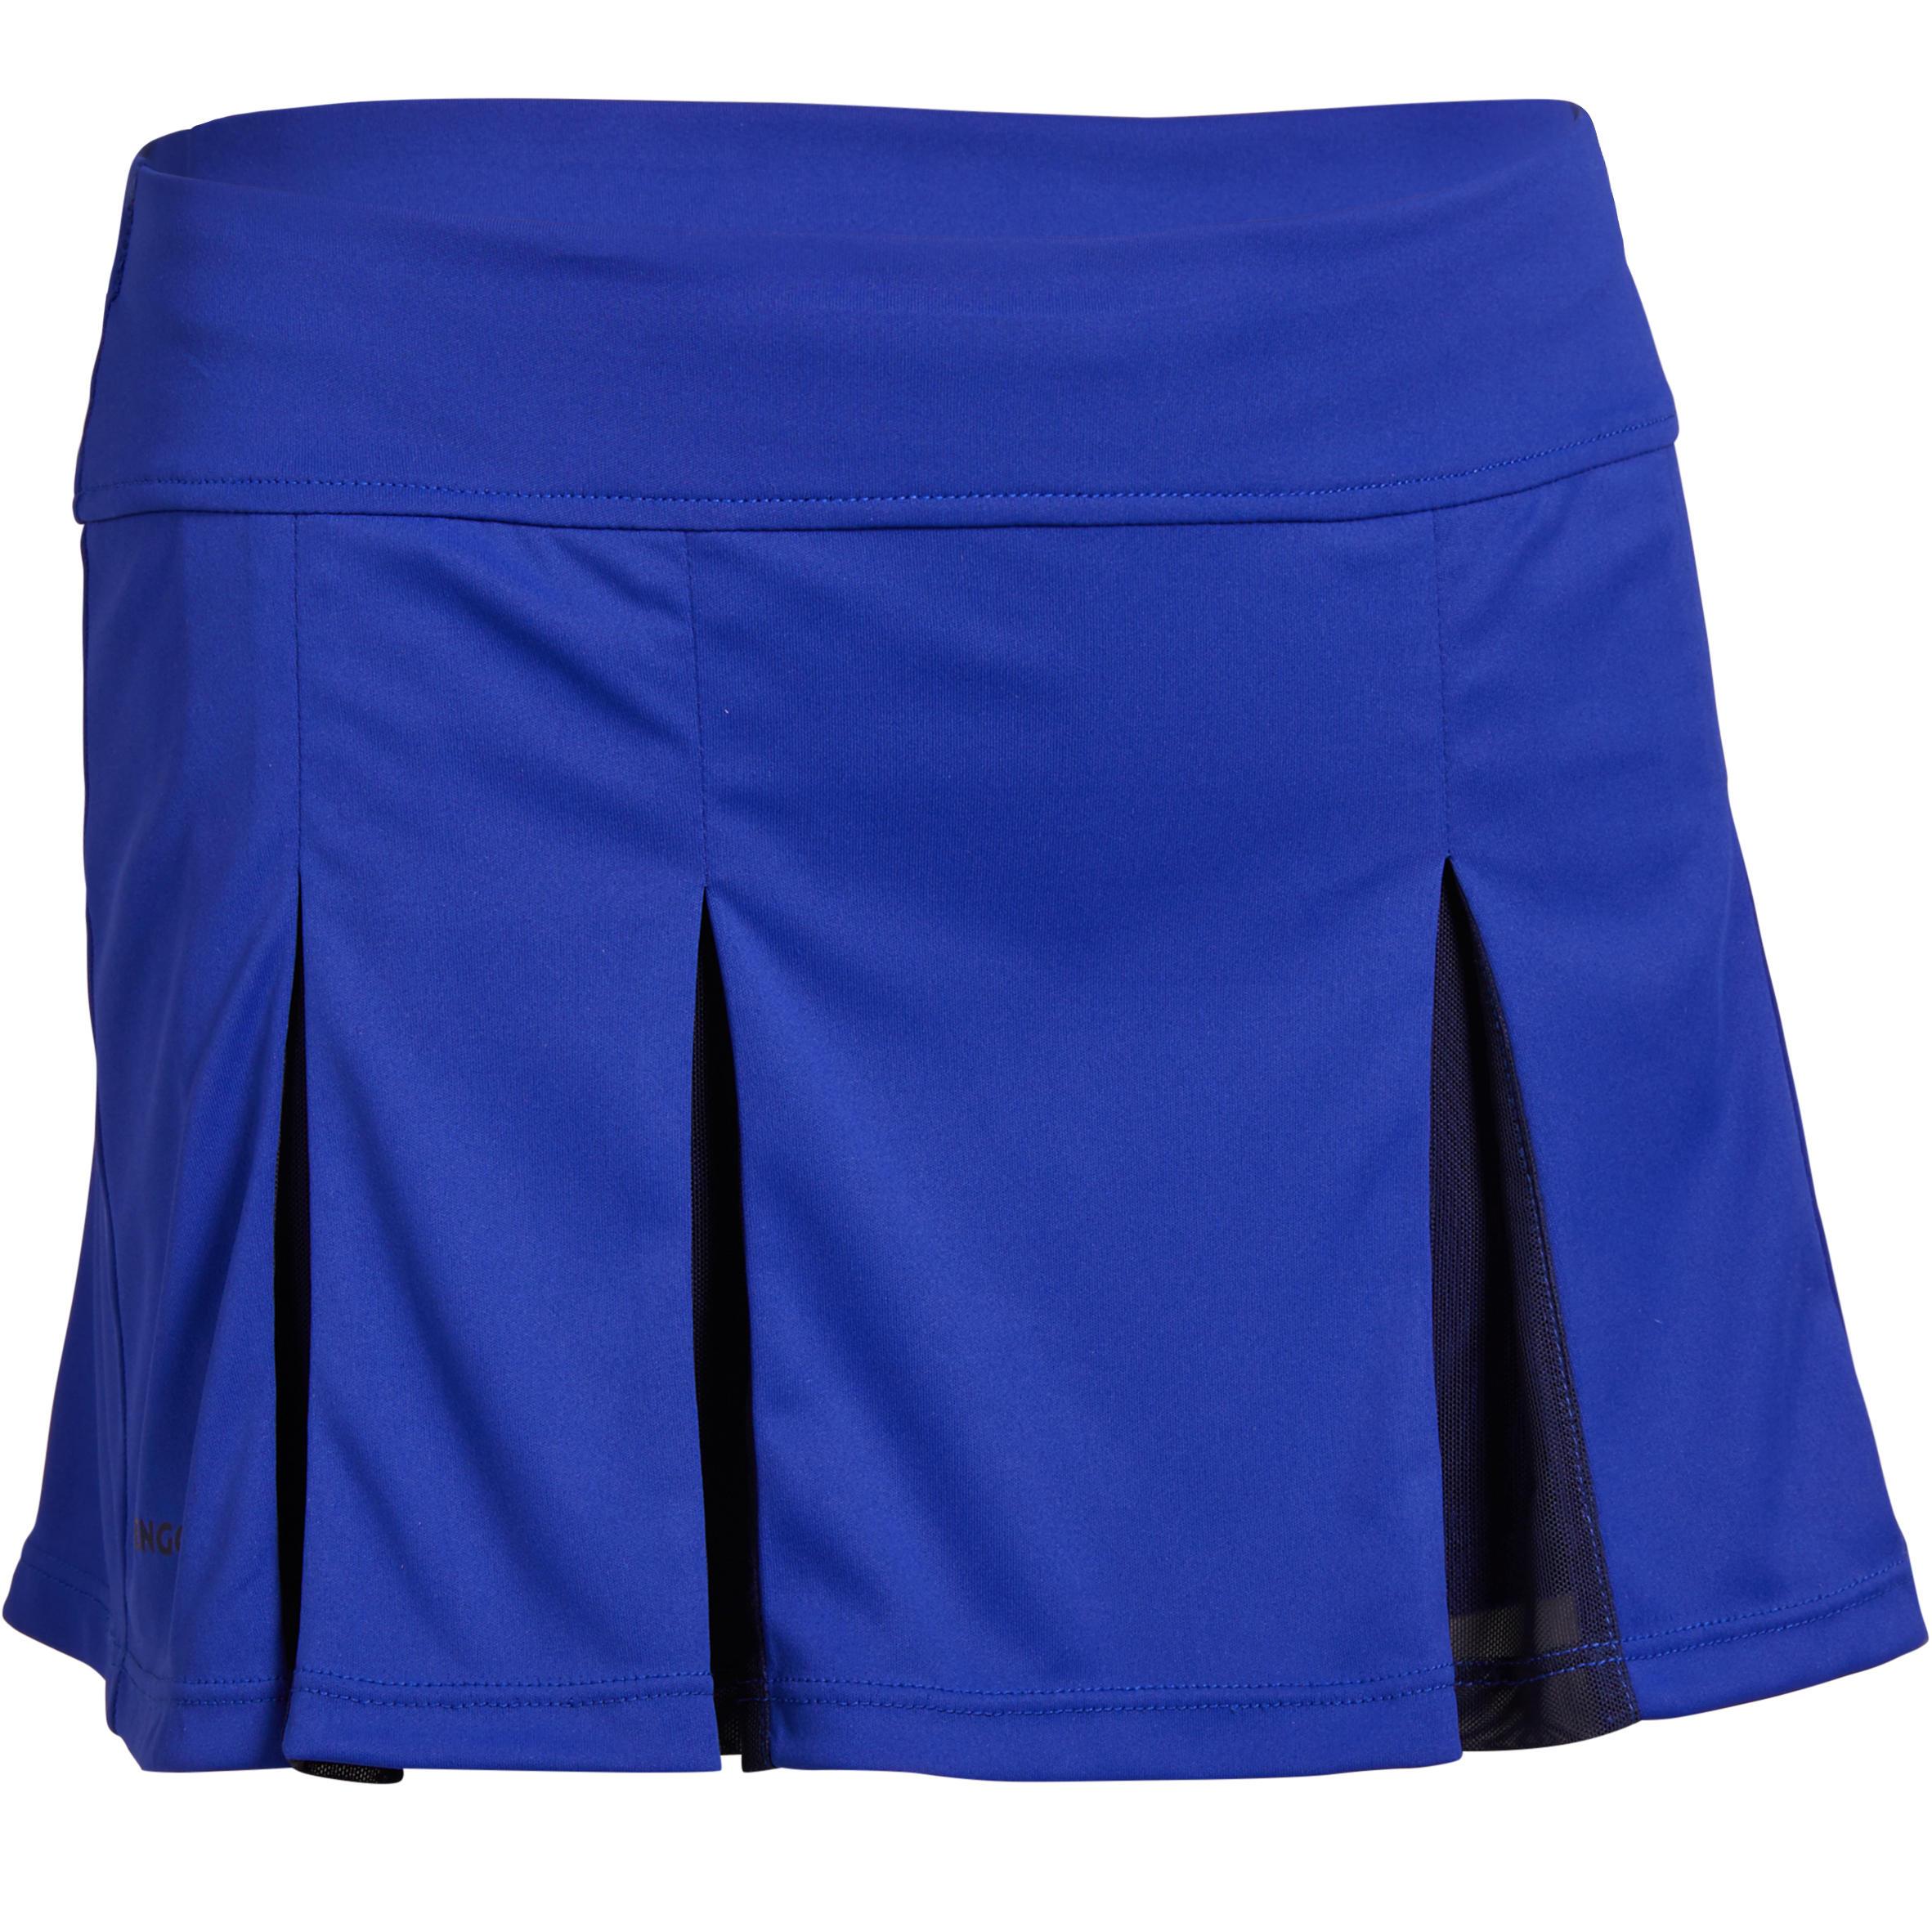 ed6f8bfc10033 Comprar Faldas deportivas para niñas de 5 a 14 años online